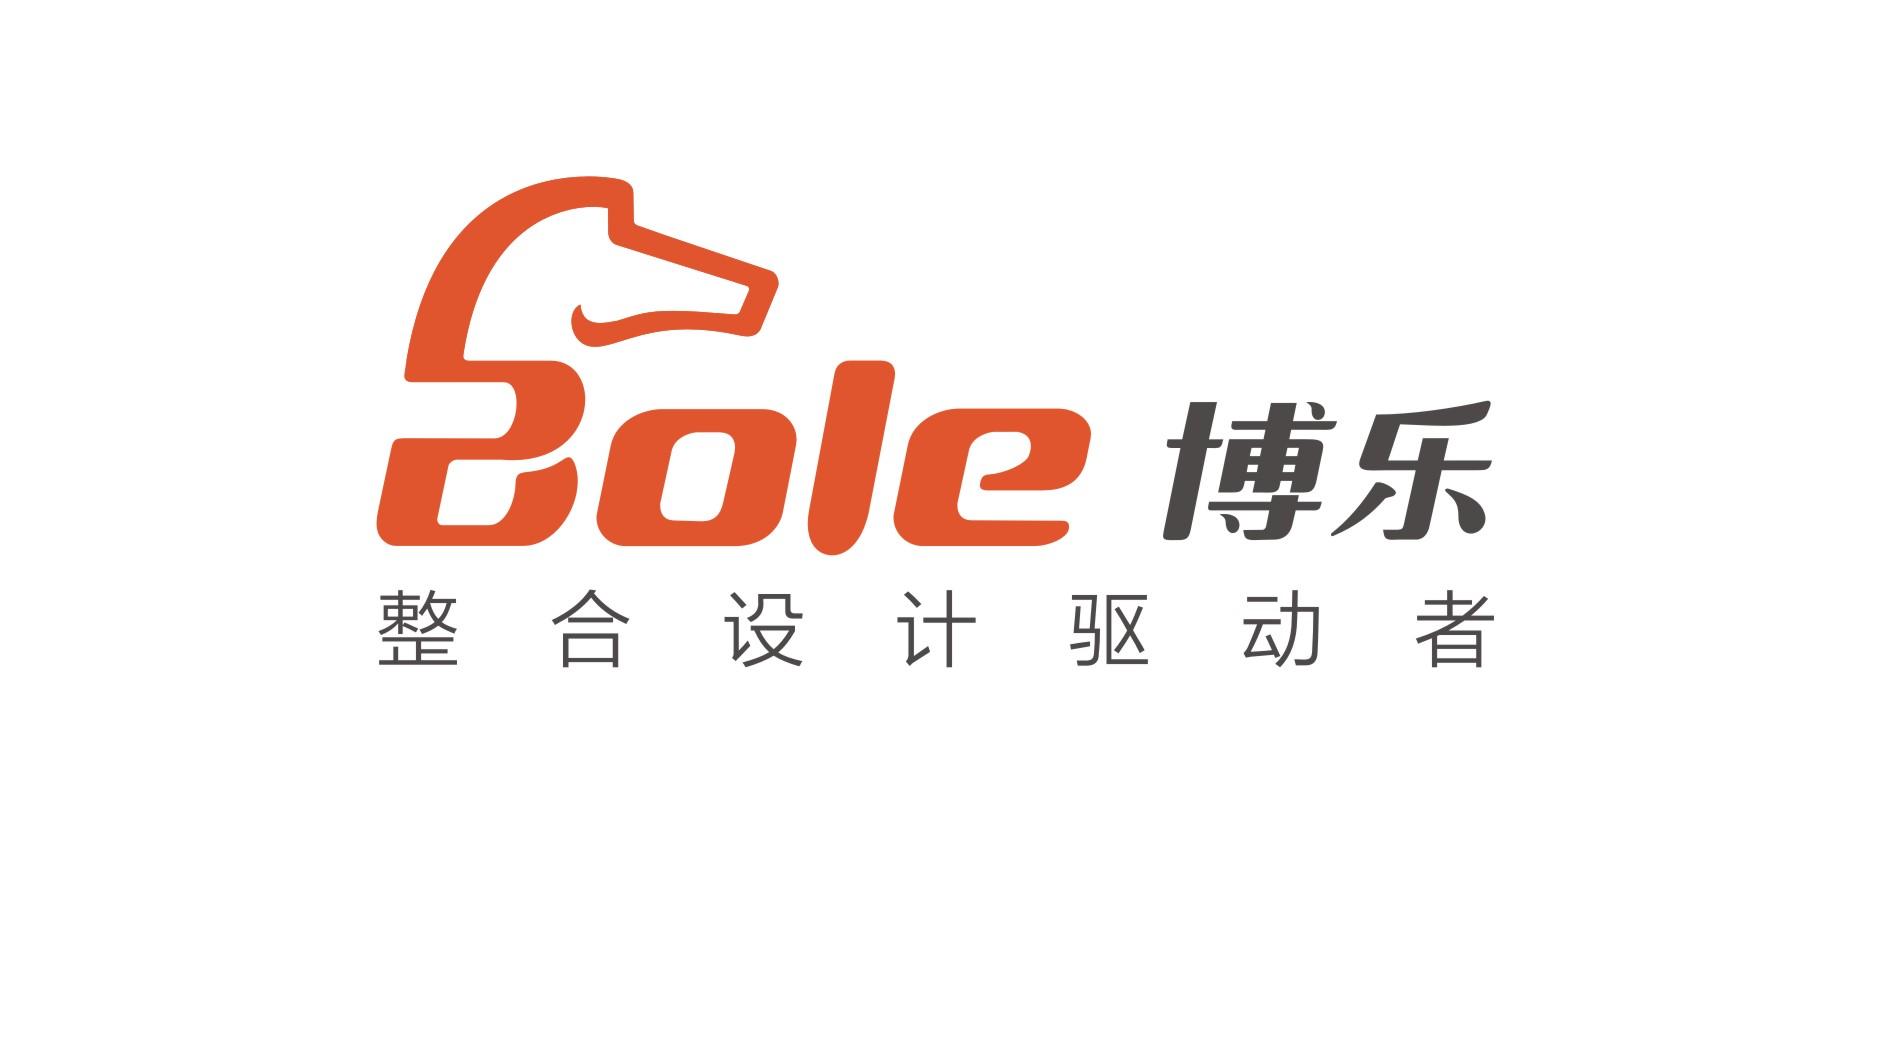 com 公司介绍 杭州博乐策划设计机构,成立于2003年,总部在杭州,下属博